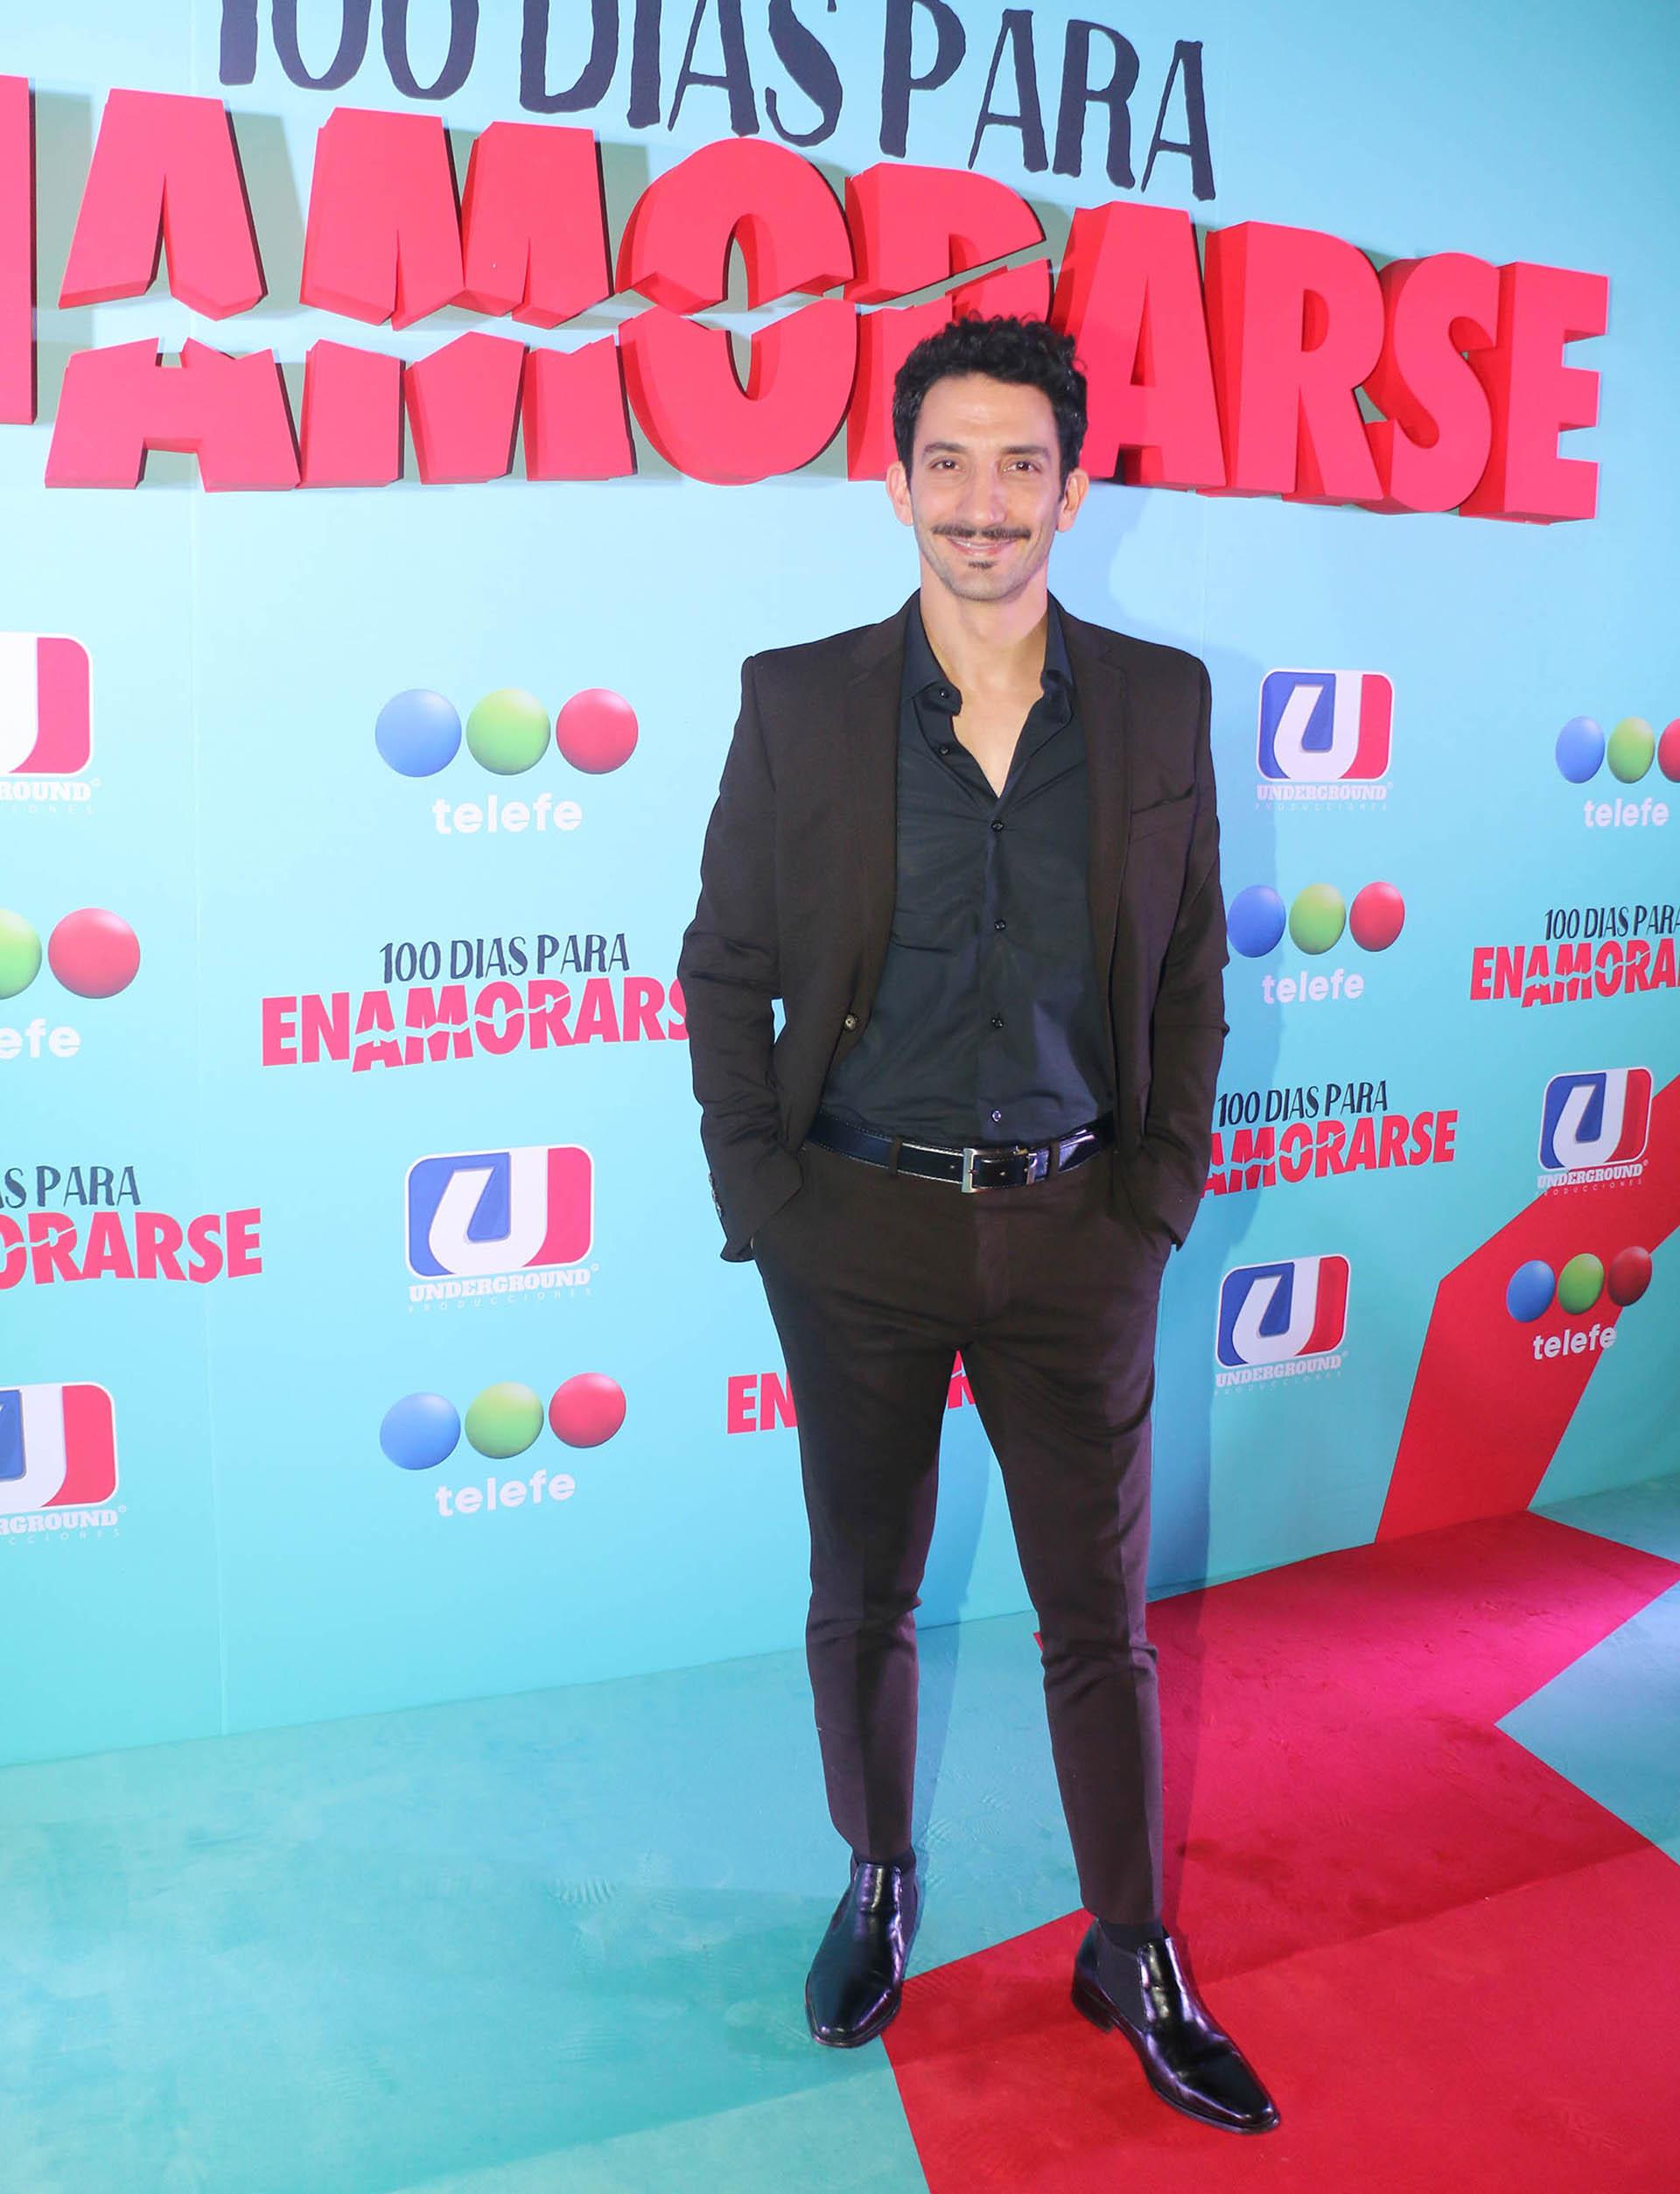 Juan Minujín interpreta a Gastón Guevara, un abogado que está casado con Laura Contempomi. Se separa 100 días de su esposa para averiguar si vale la pena seguir con el matrimonio